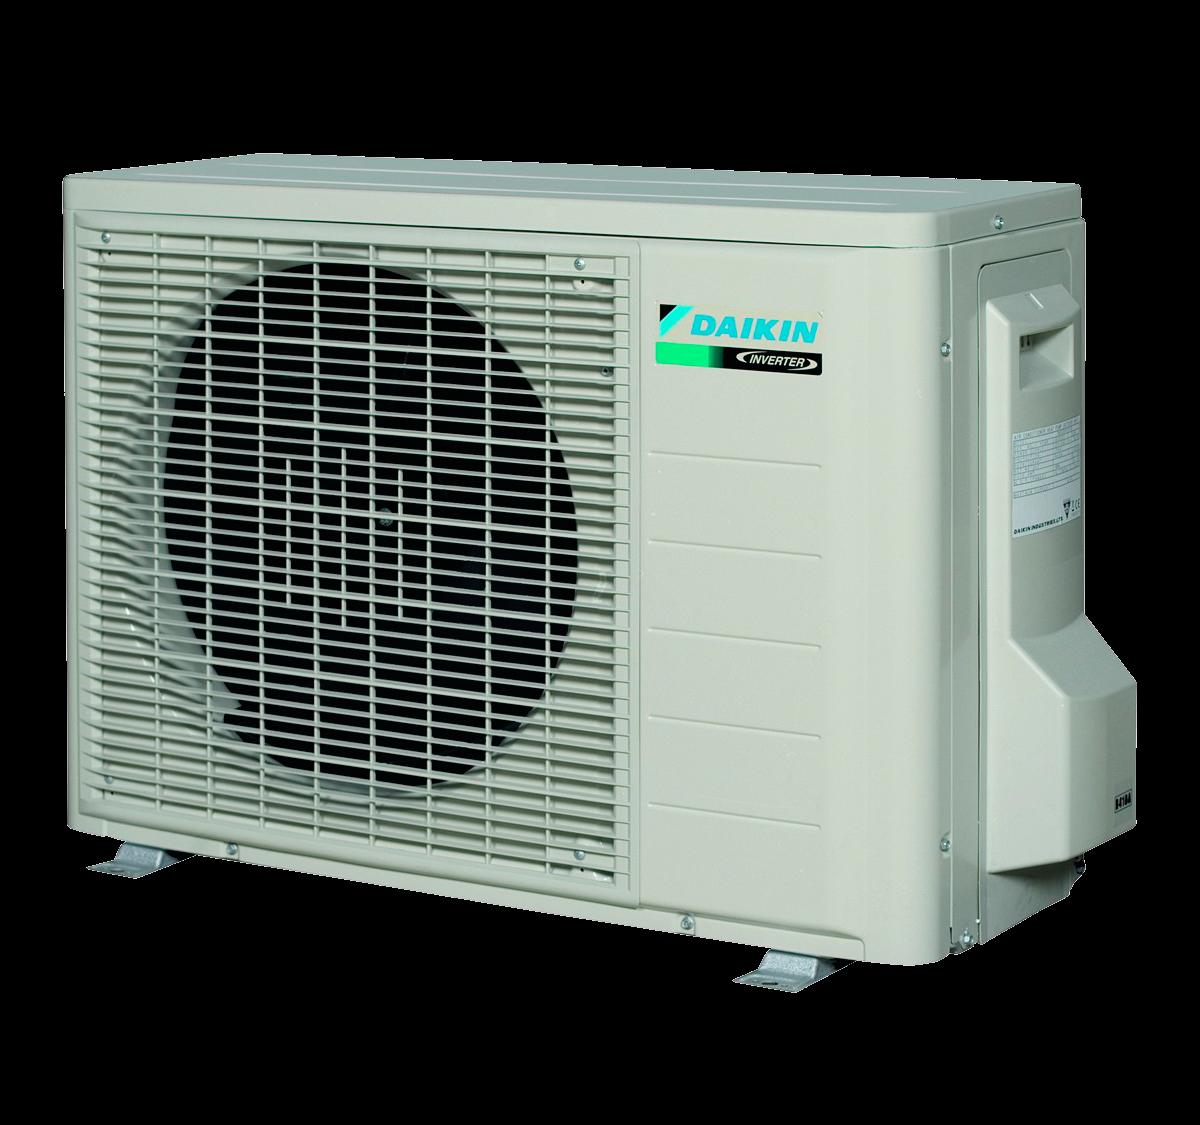 aire acondicionado unidad exterior daikin inverter bluevolution modelo comfora rxp25m instalacion incluida caseragua